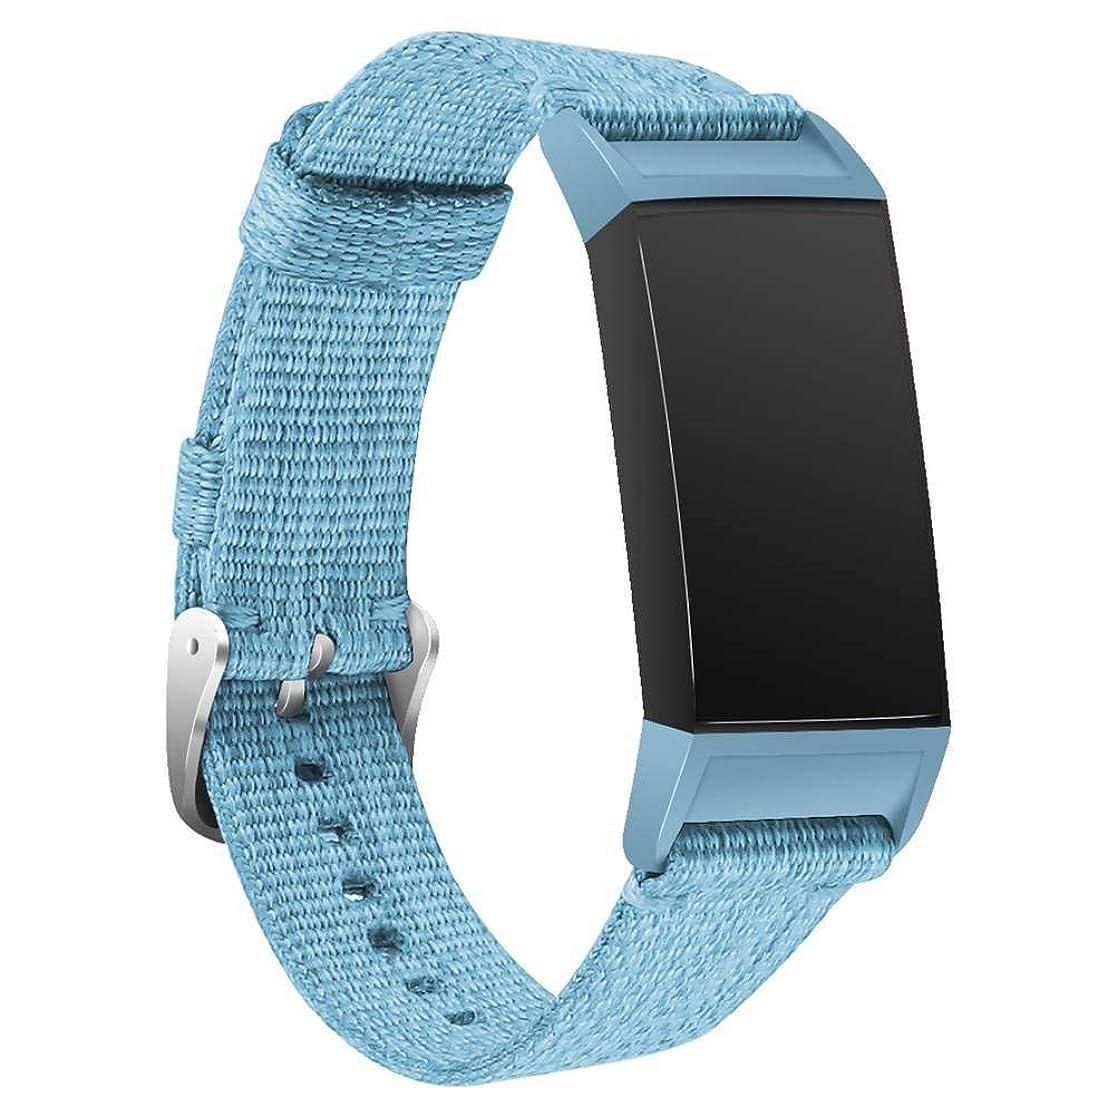 リングレット絶縁する無一文Esolom for Fitbit charge 3 バンド 交換用バンド 調整可能 ナイロン デニム交換バンド fitbit charge3に対応 フィットビットチャージ3 交換ベルト 多色選択